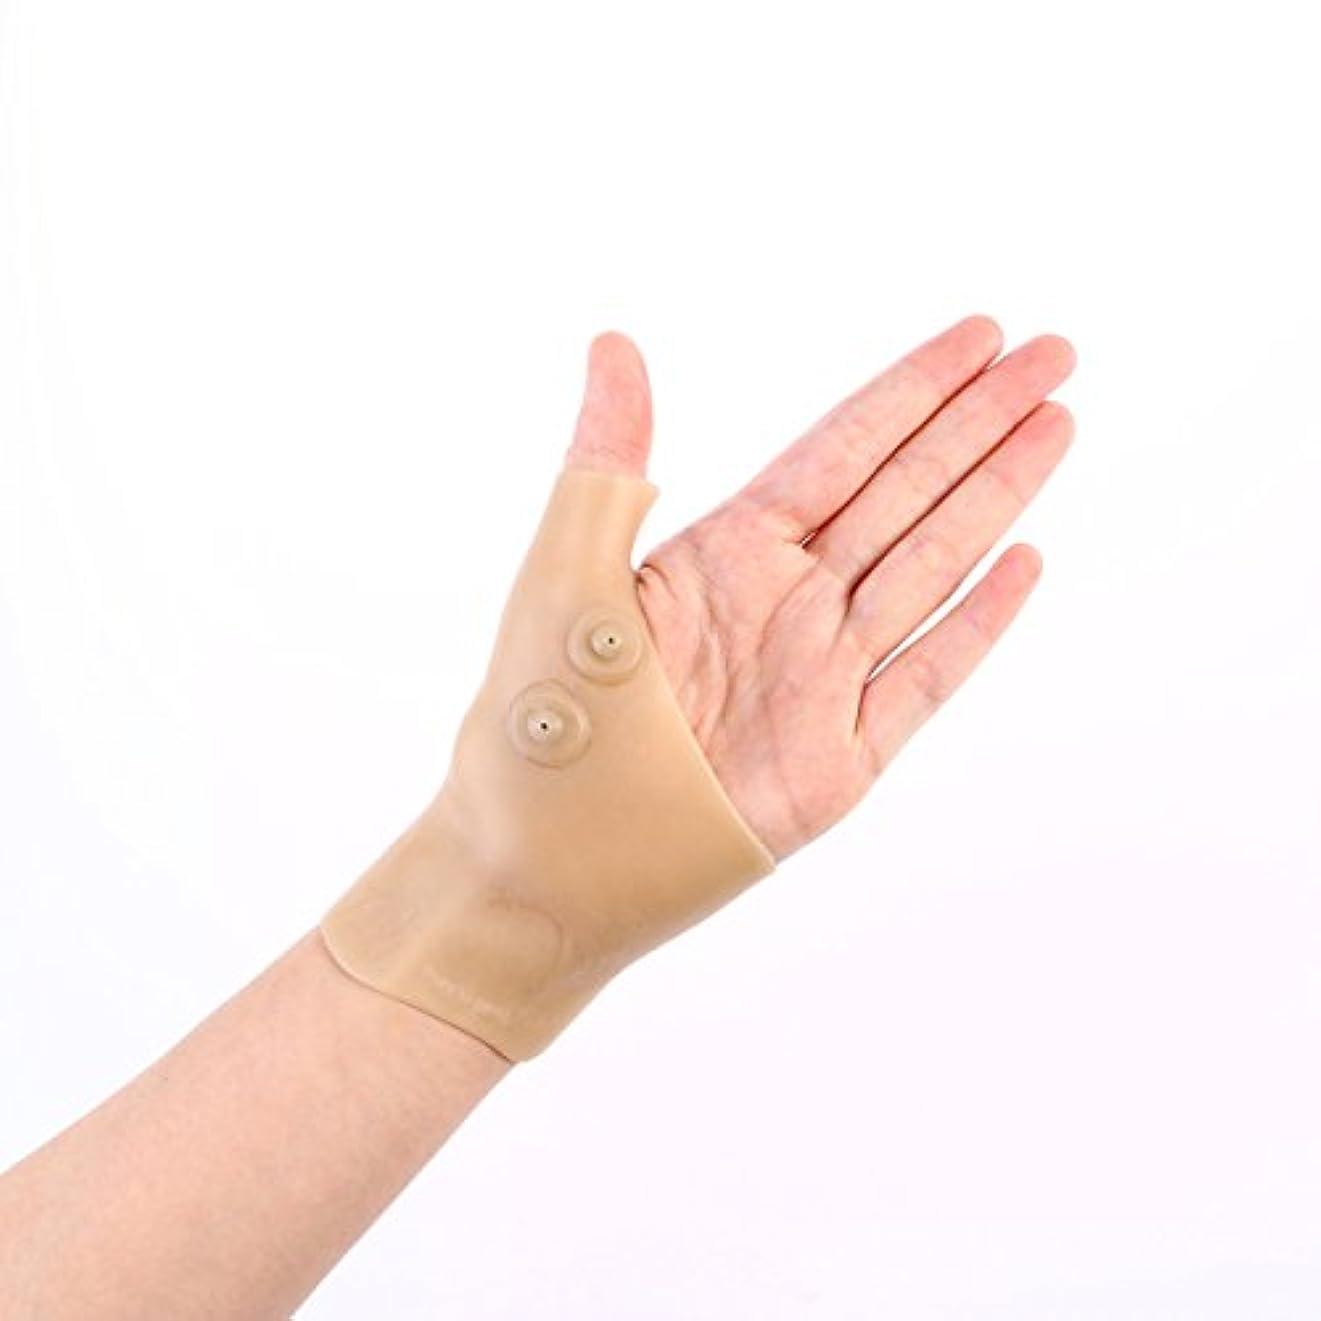 吹きさらしアマチュア天才Healifty 首サポートブレース シリコンゲル 腱鞘炎 バネ指 手首の親指の痛みを和らげる 2個